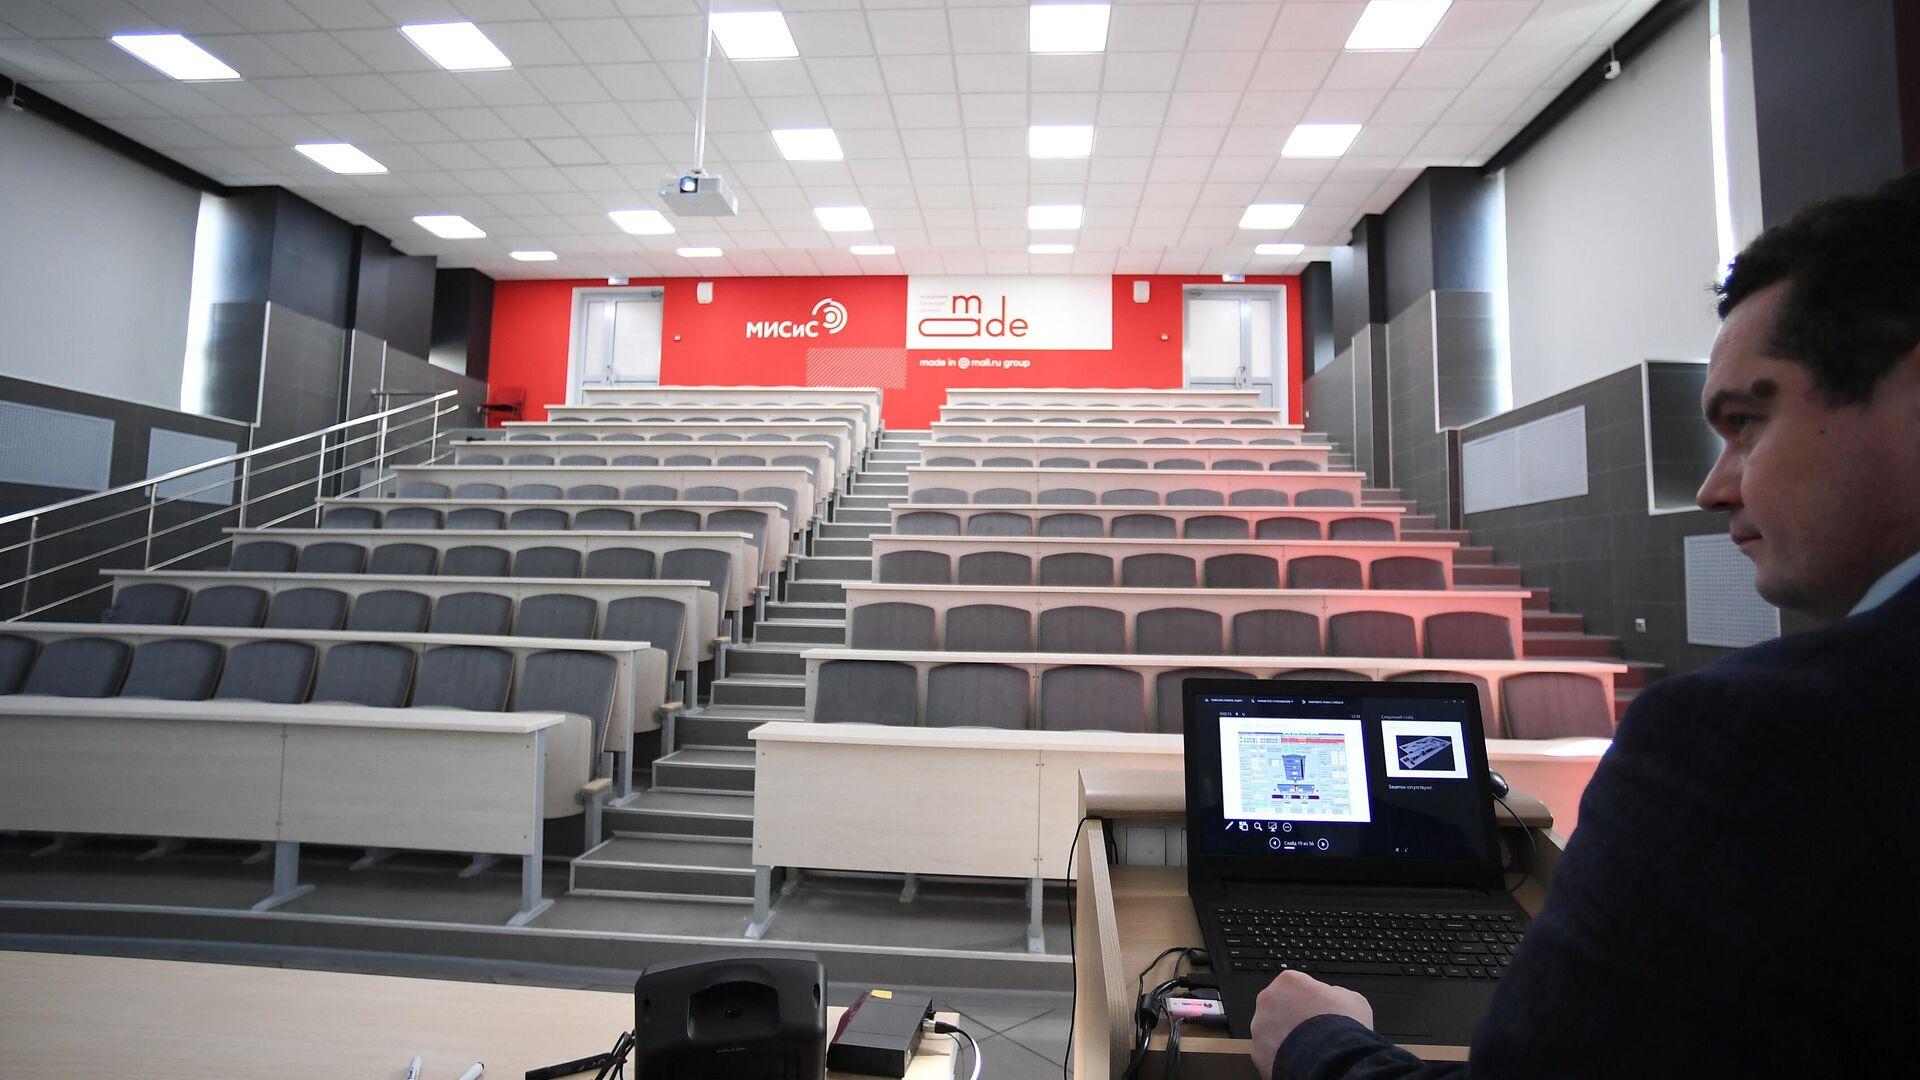 Преподаватель проводит онлайн урок в аудитории Национального исследовательского технологического университета МИСиС - РИА Новости, 1920, 06.12.2020